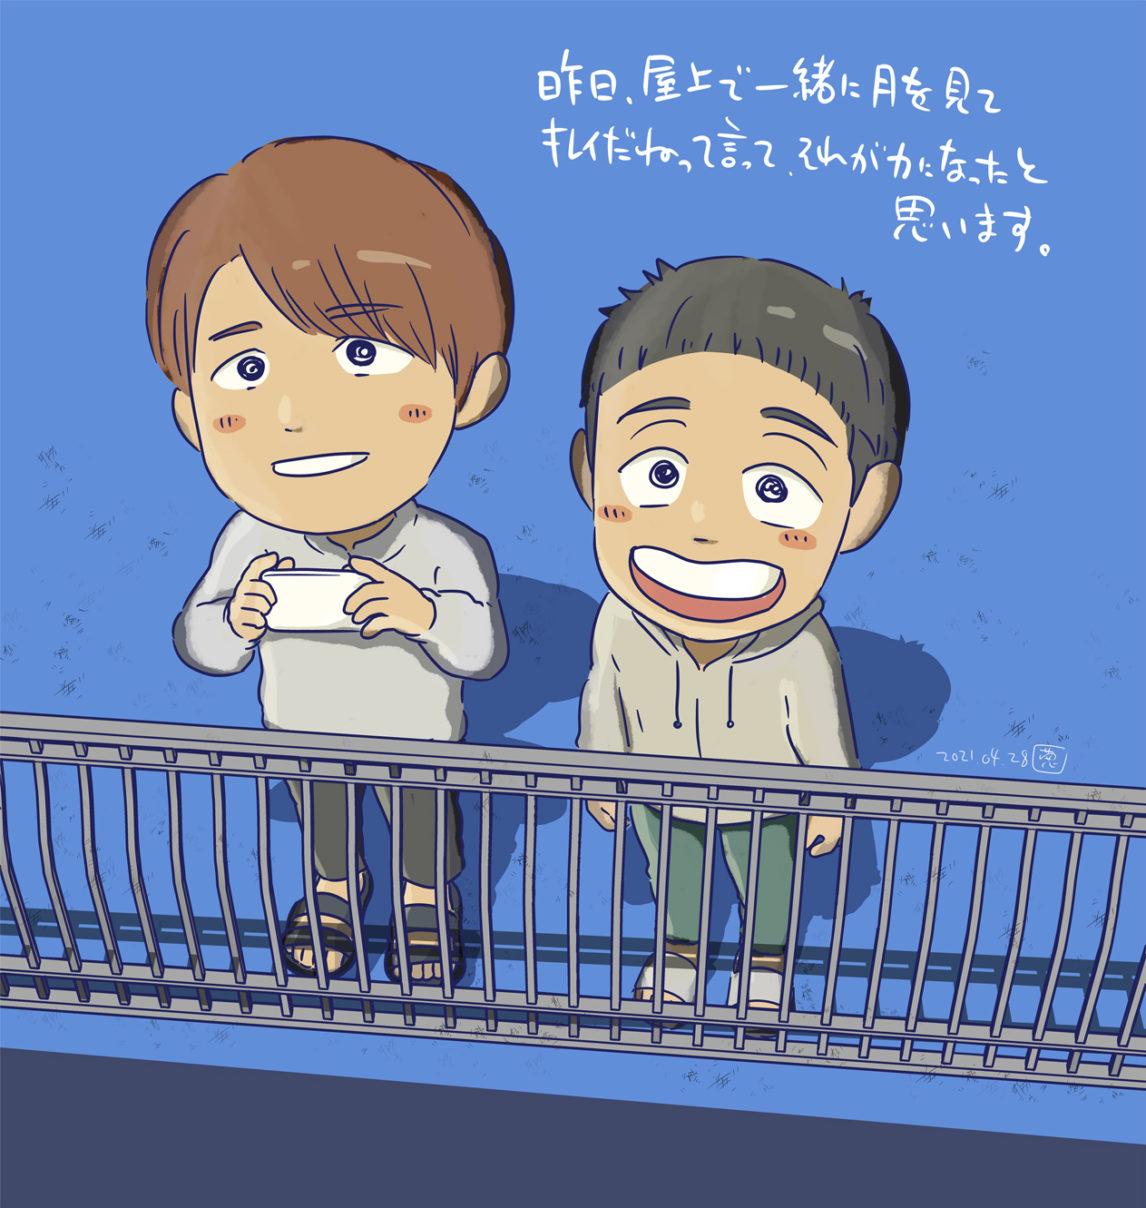 森下暢仁と羽月隆太郎が屋上で「月が綺麗だね」